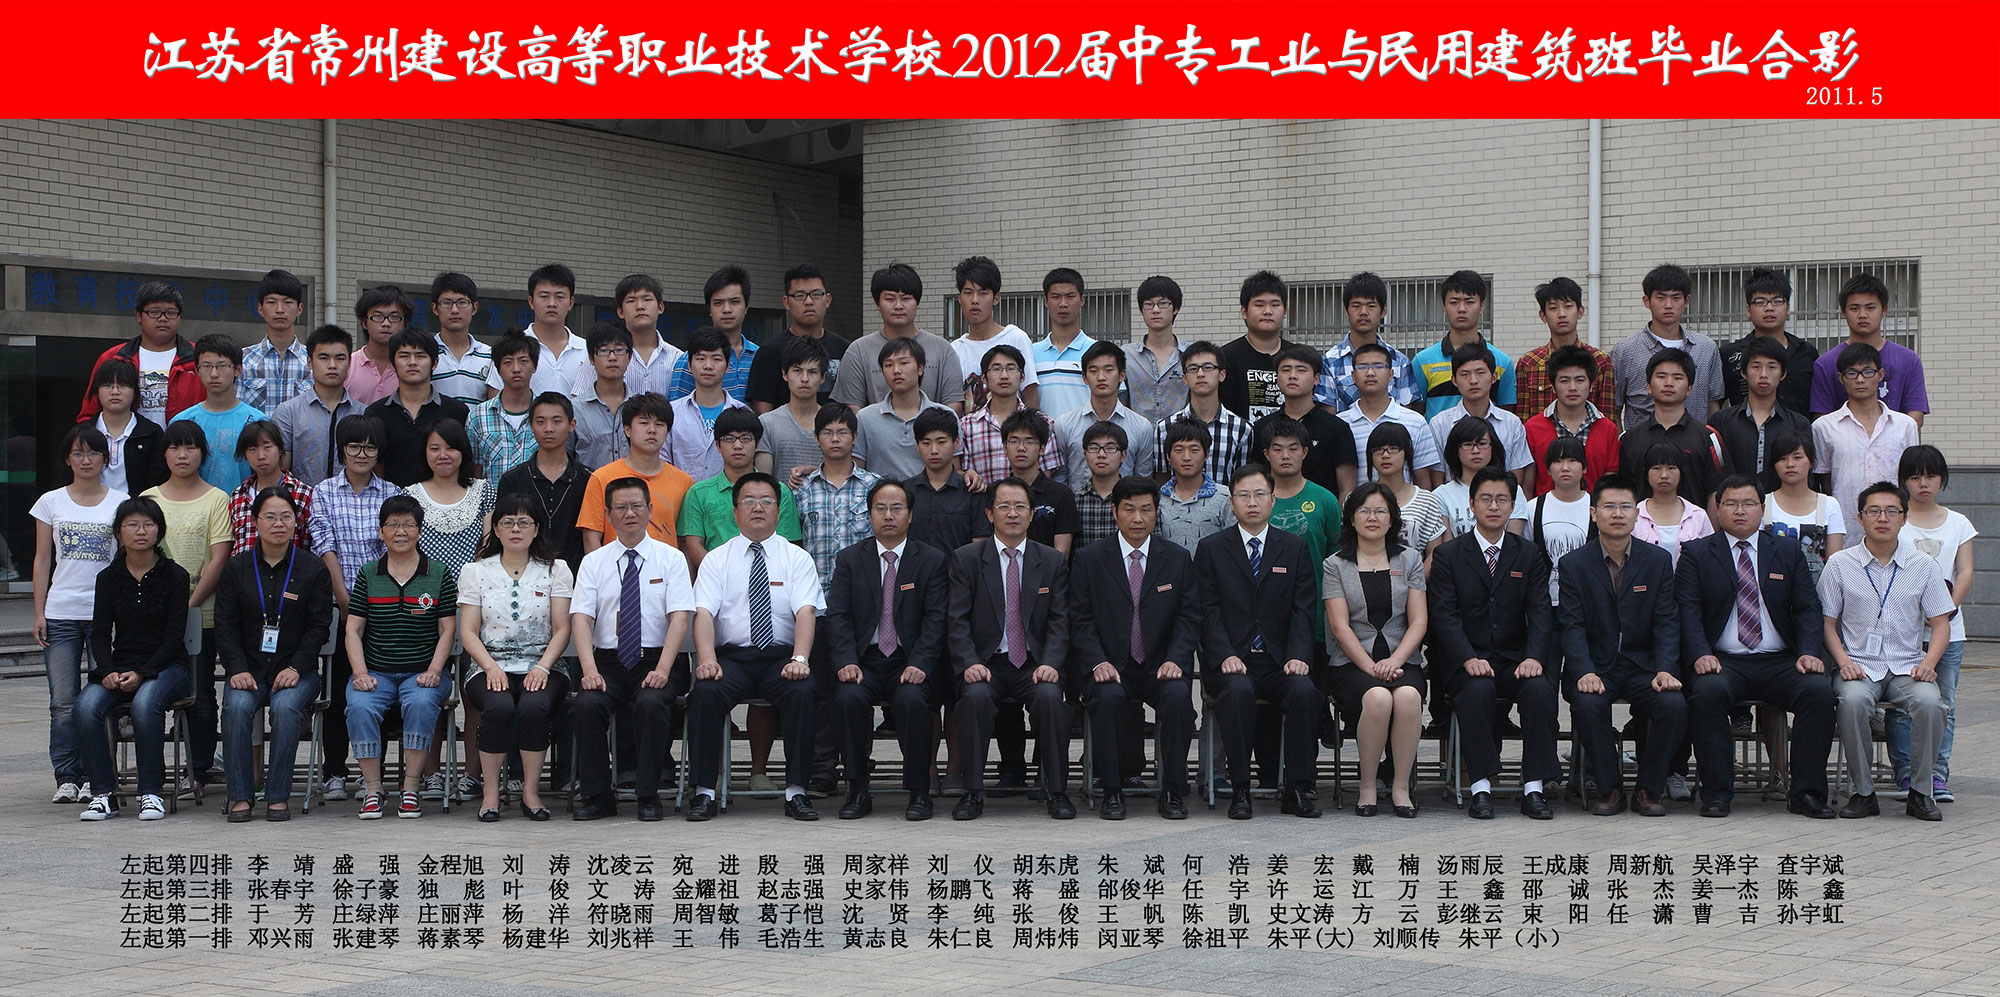 2012届中专工业与民用建筑班毕业...